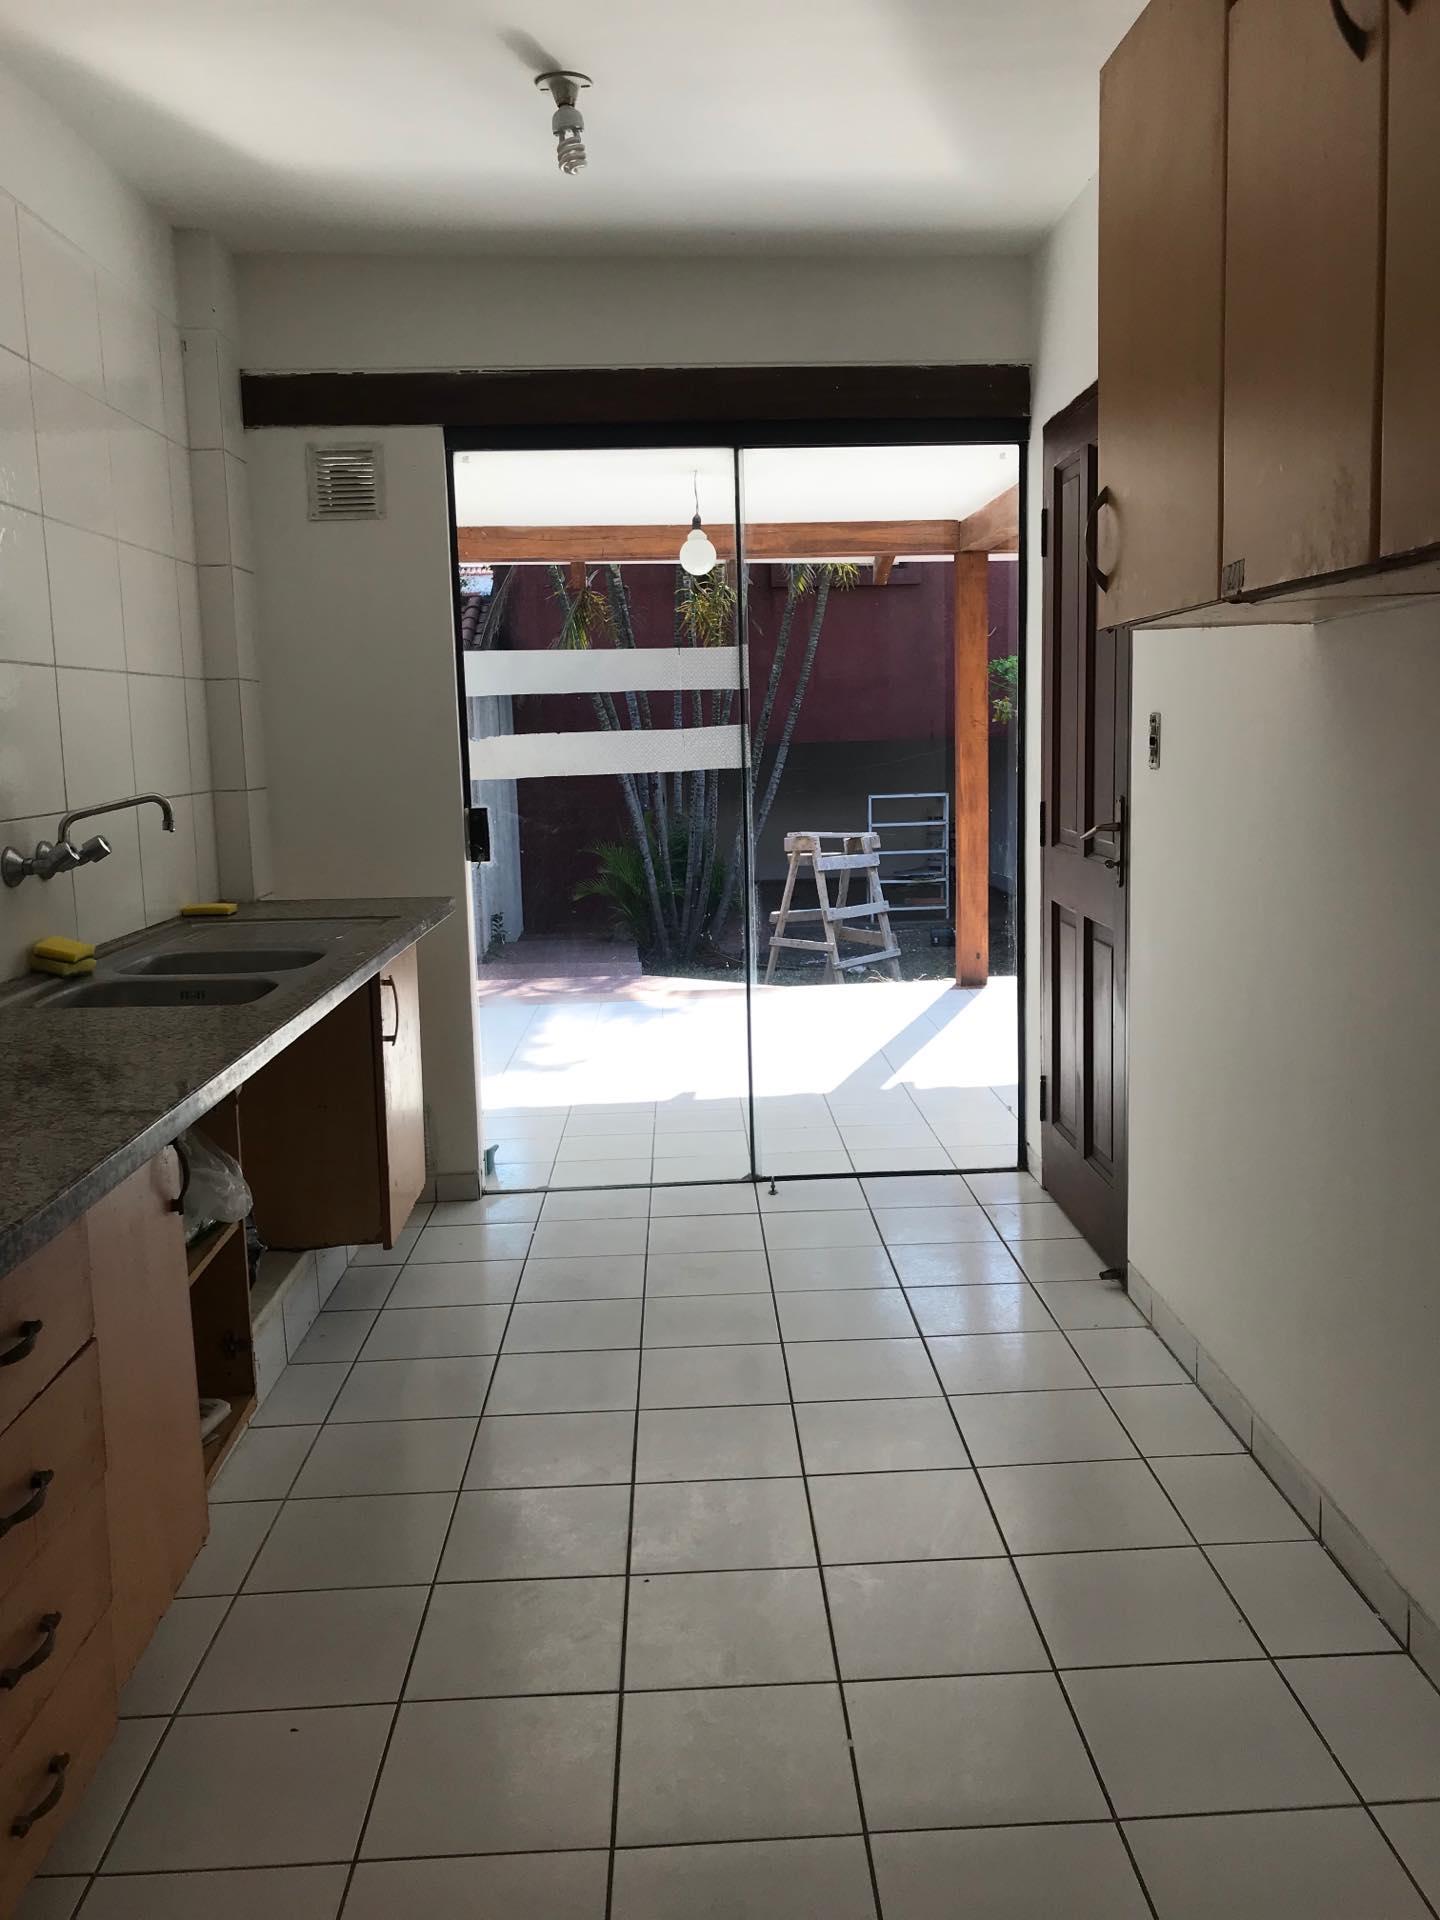 Casa en Alquiler Av. Melchor Pinto entre 1ro y 2do anillo  Foto 15